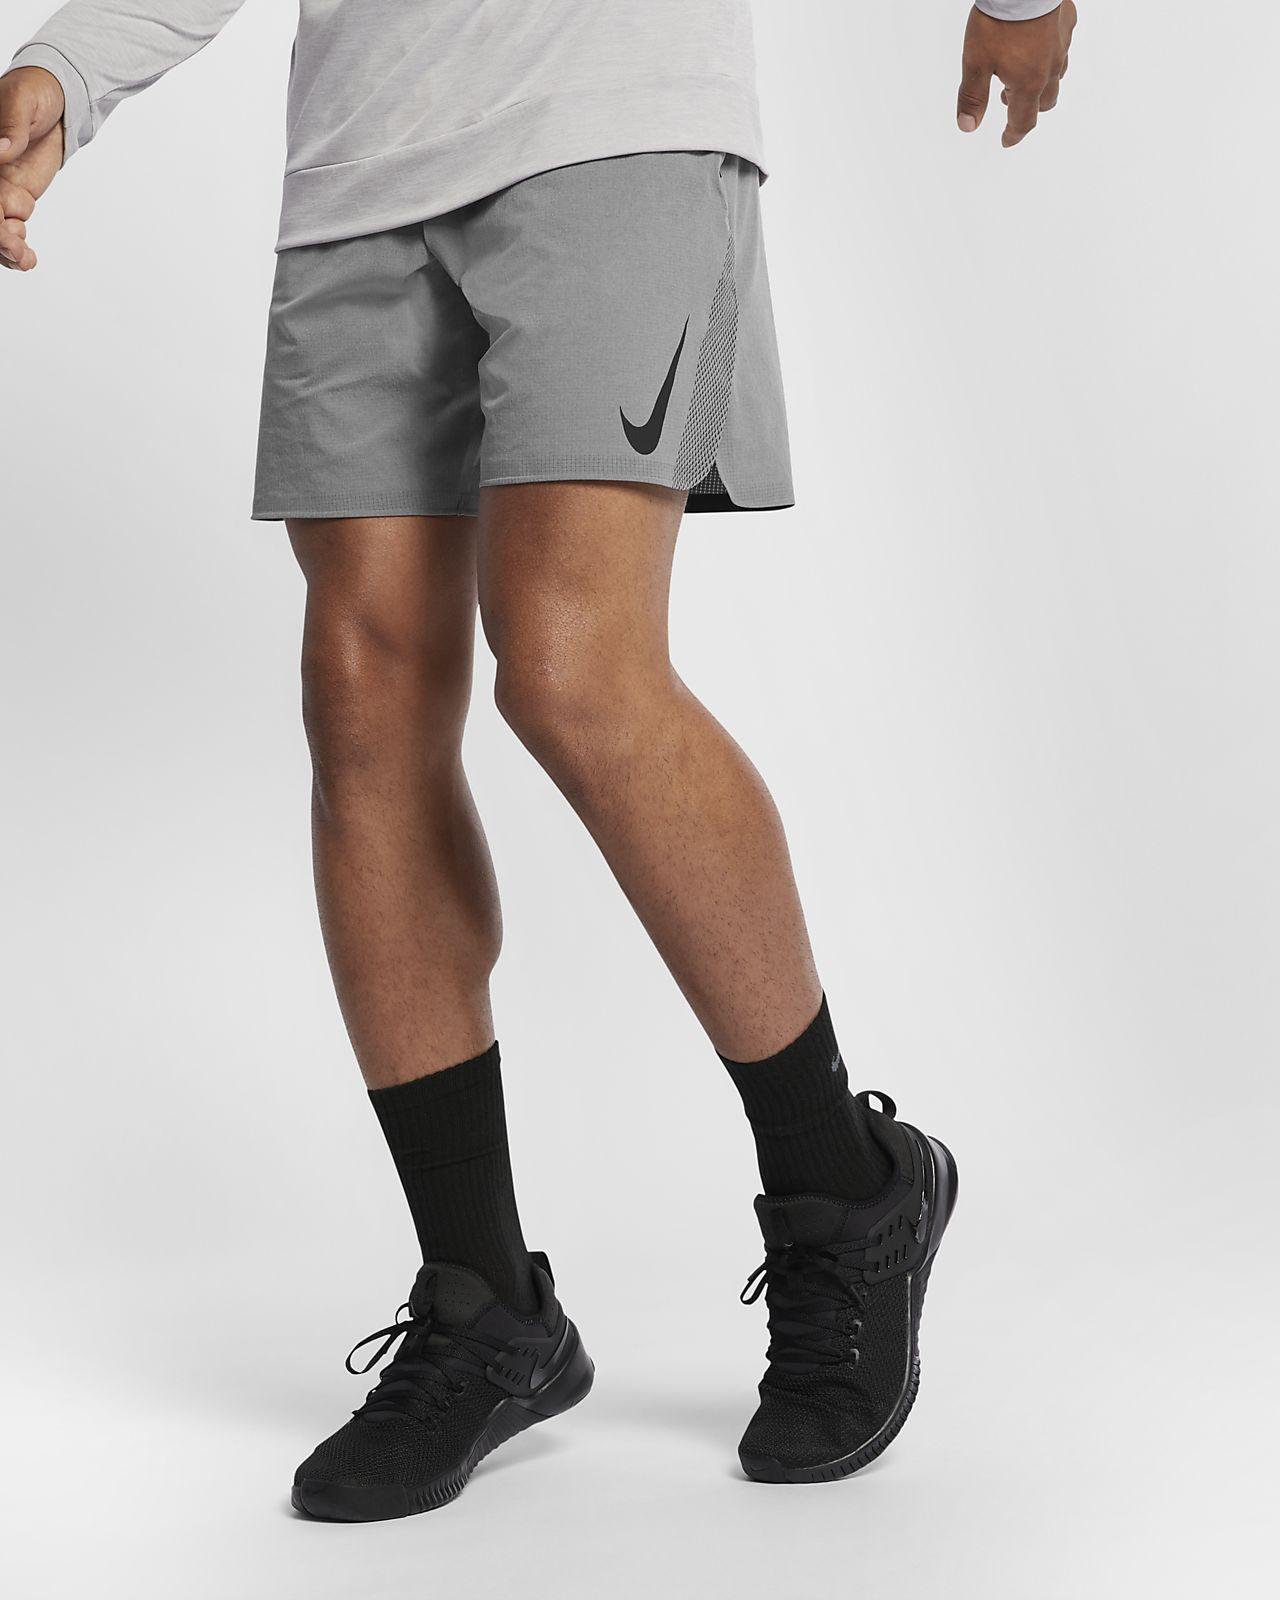 bddf0bbe7b92a Nike Flex Repel Men s Training Shorts. Nike.com GB